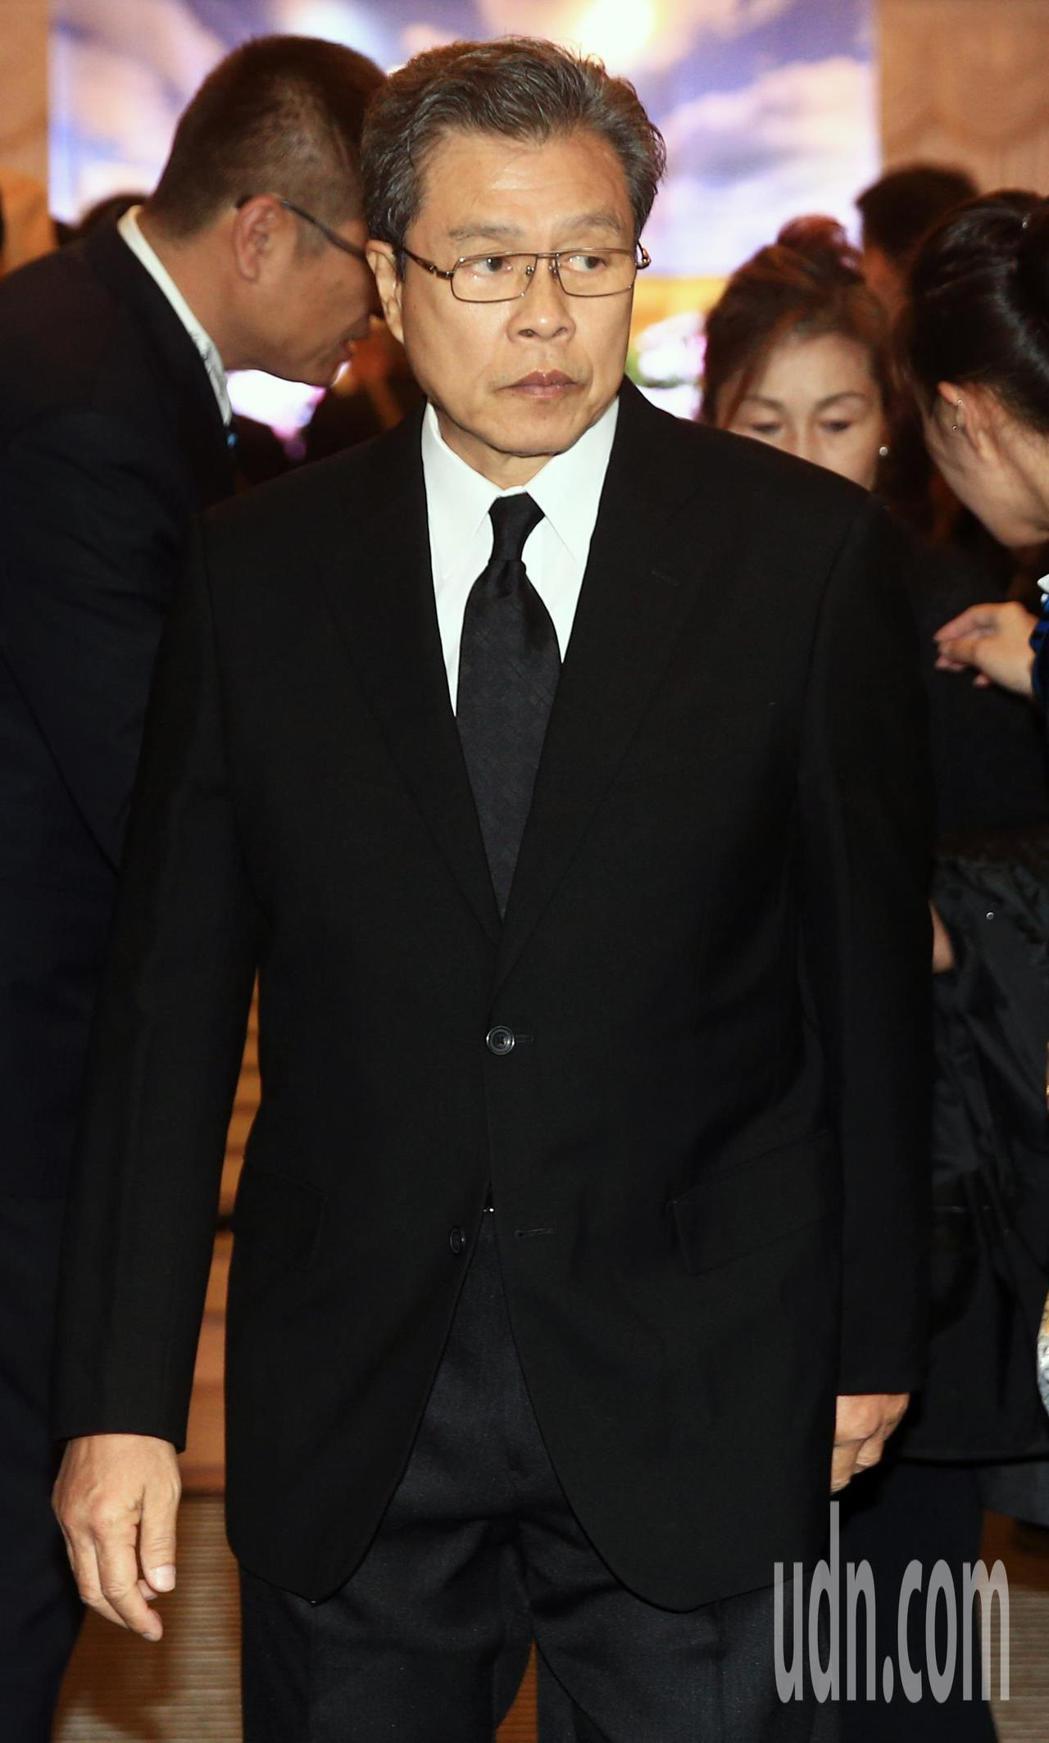 藝人楊烈出席。記者陳正興/攝影